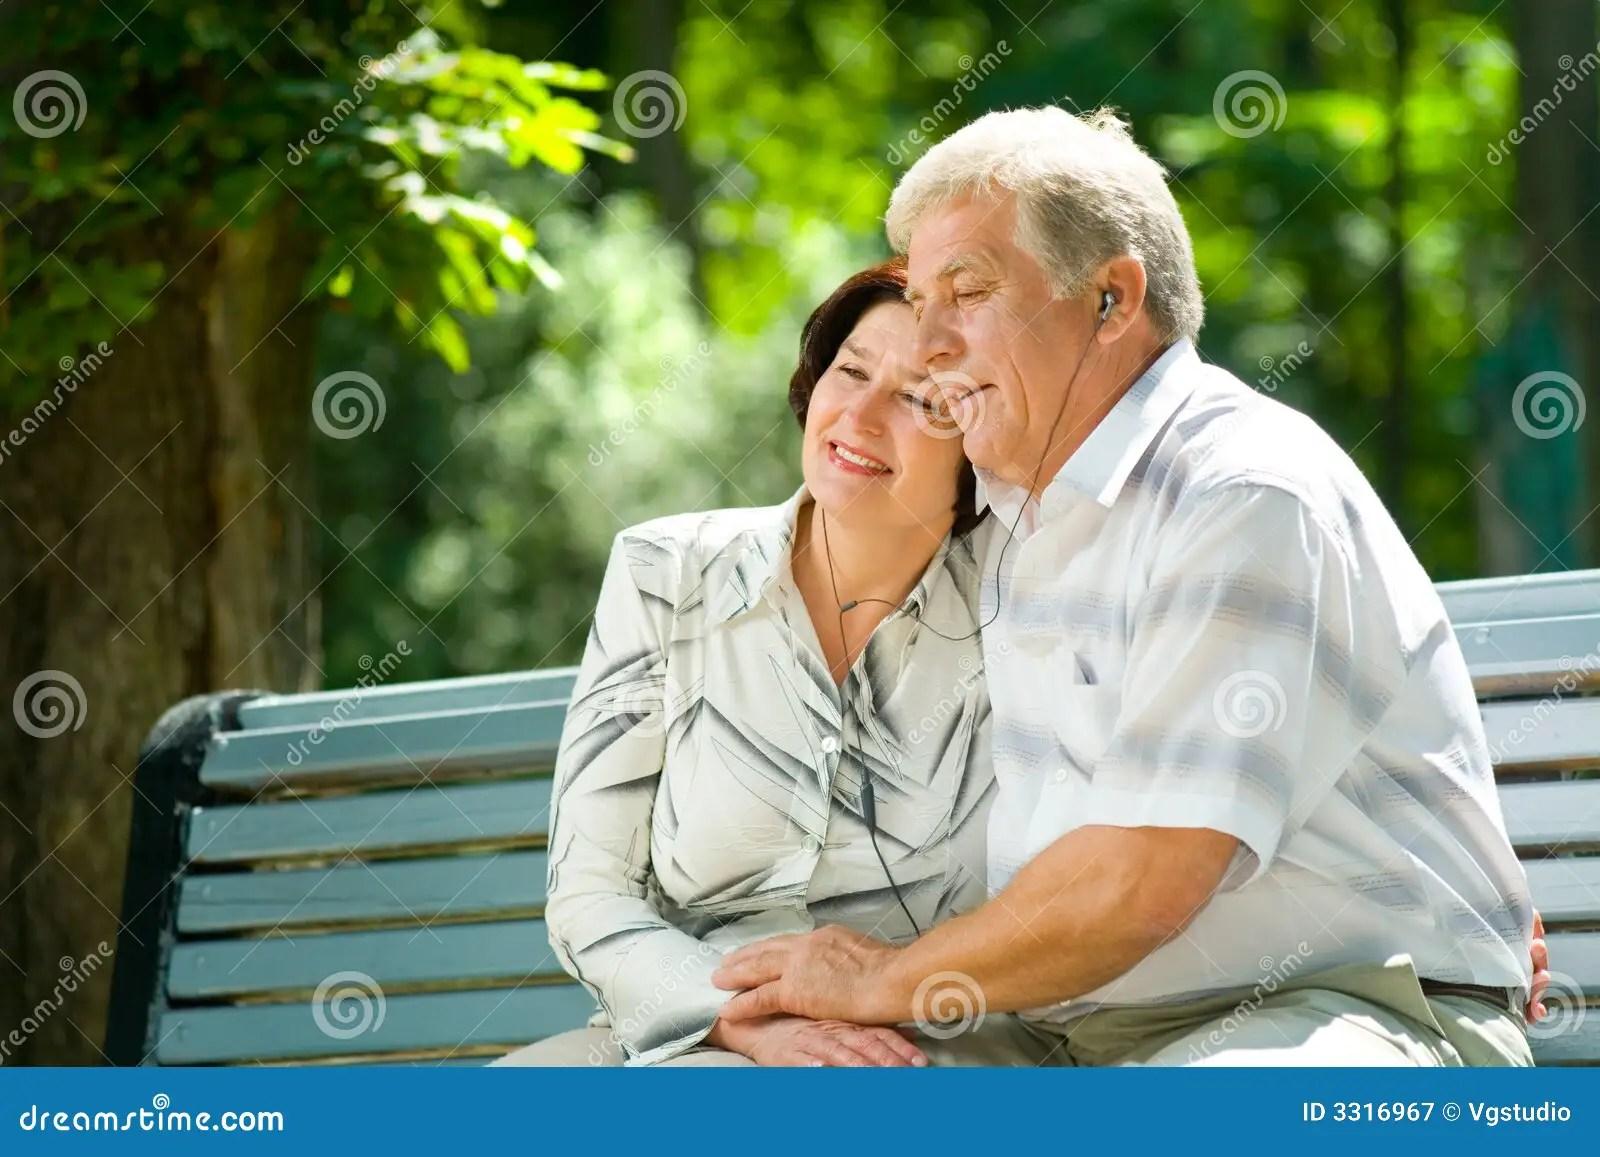 Happy Elderly Couple Outdoors Stock Image